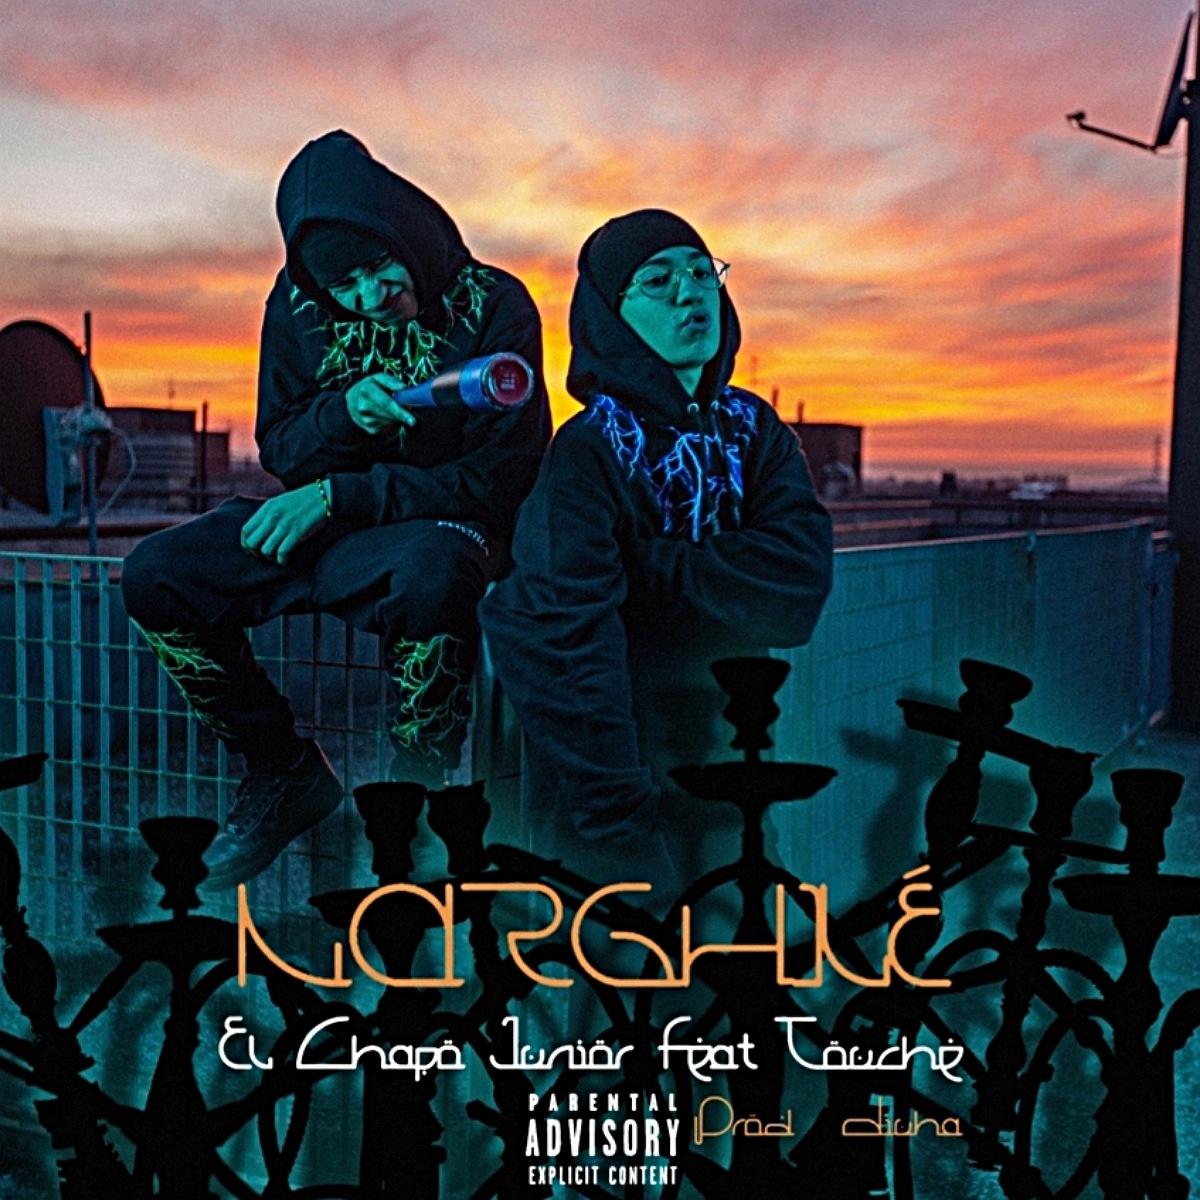 El Chapo Junior feat Touché, il nuovo singolo intitolato